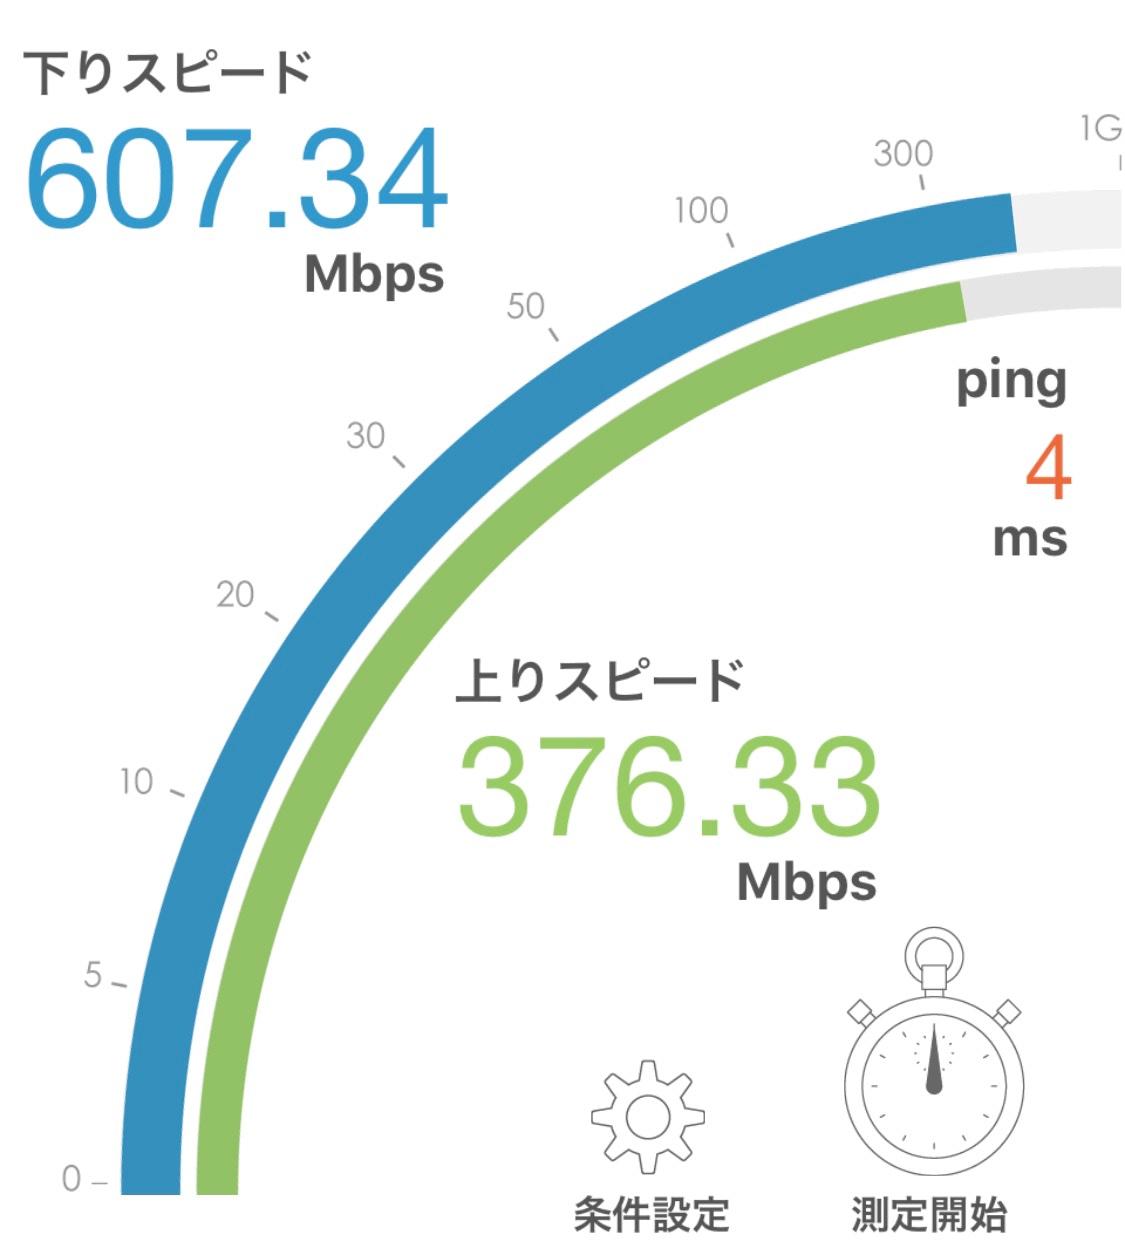 ニューロ光 Wi-Fi実測 2020年6月 計測結果